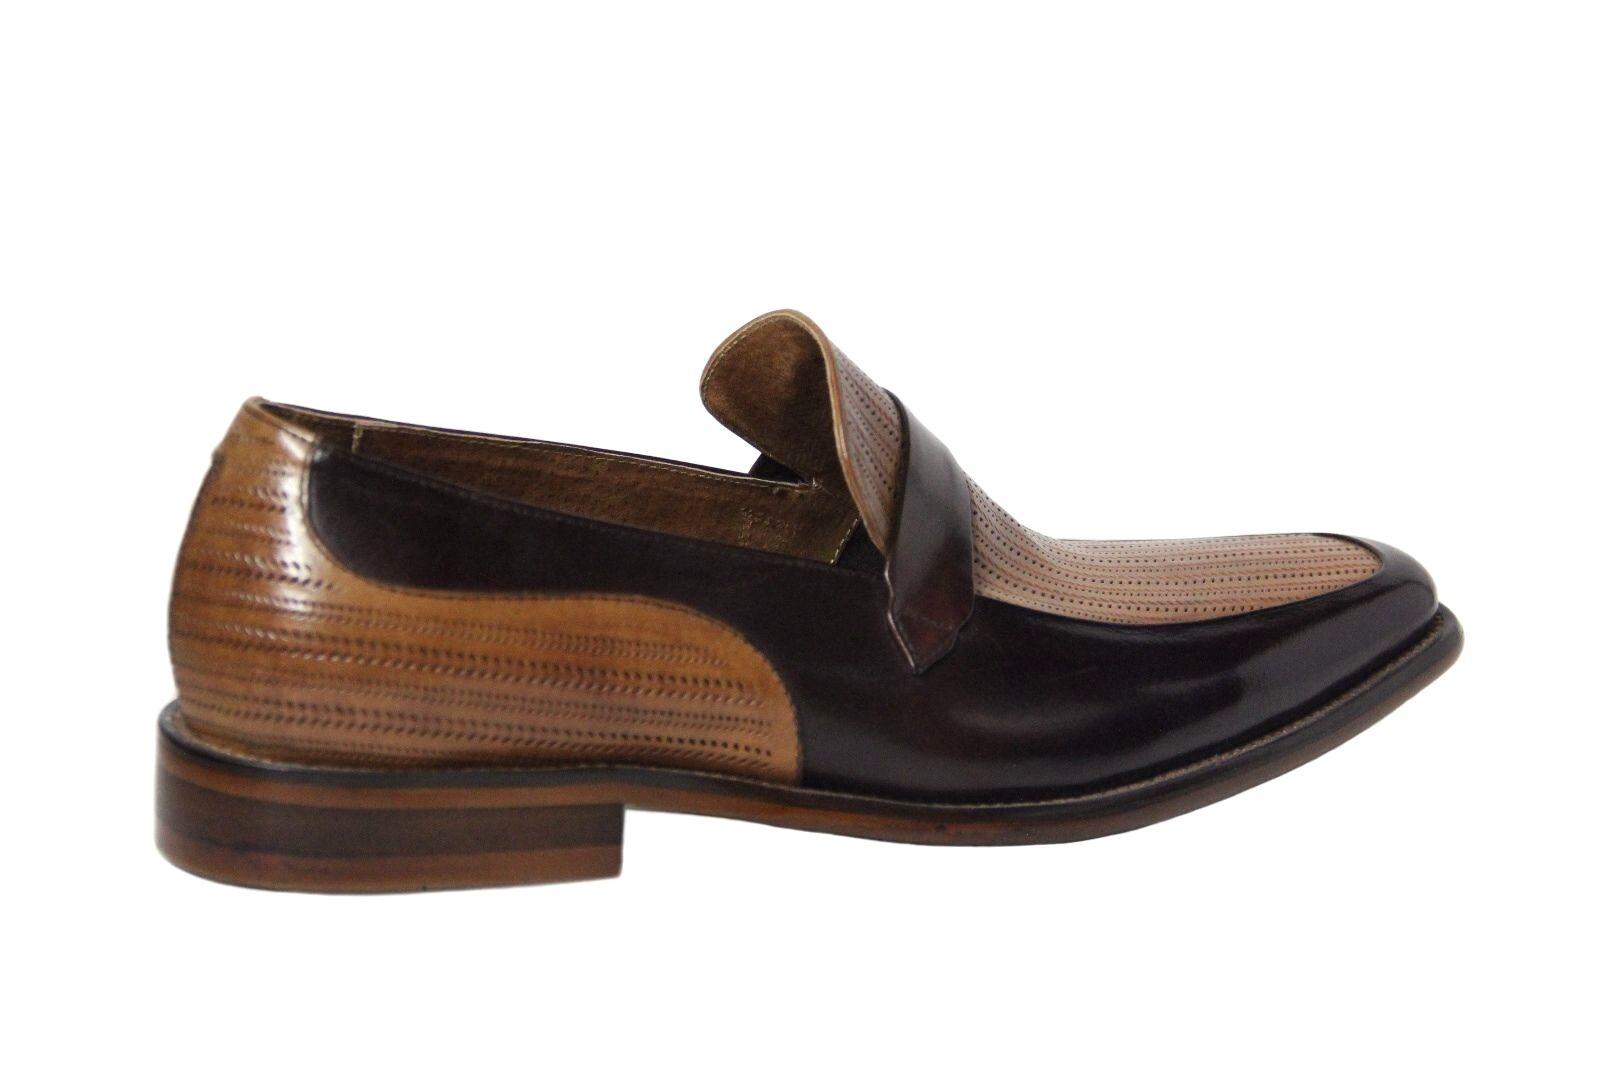 Zapatos de Cuero Steven Land Para Hombre Dos SLIP Tonos Borgoña/TAN SLIP Dos ON DRESS SL0011 04b2c8